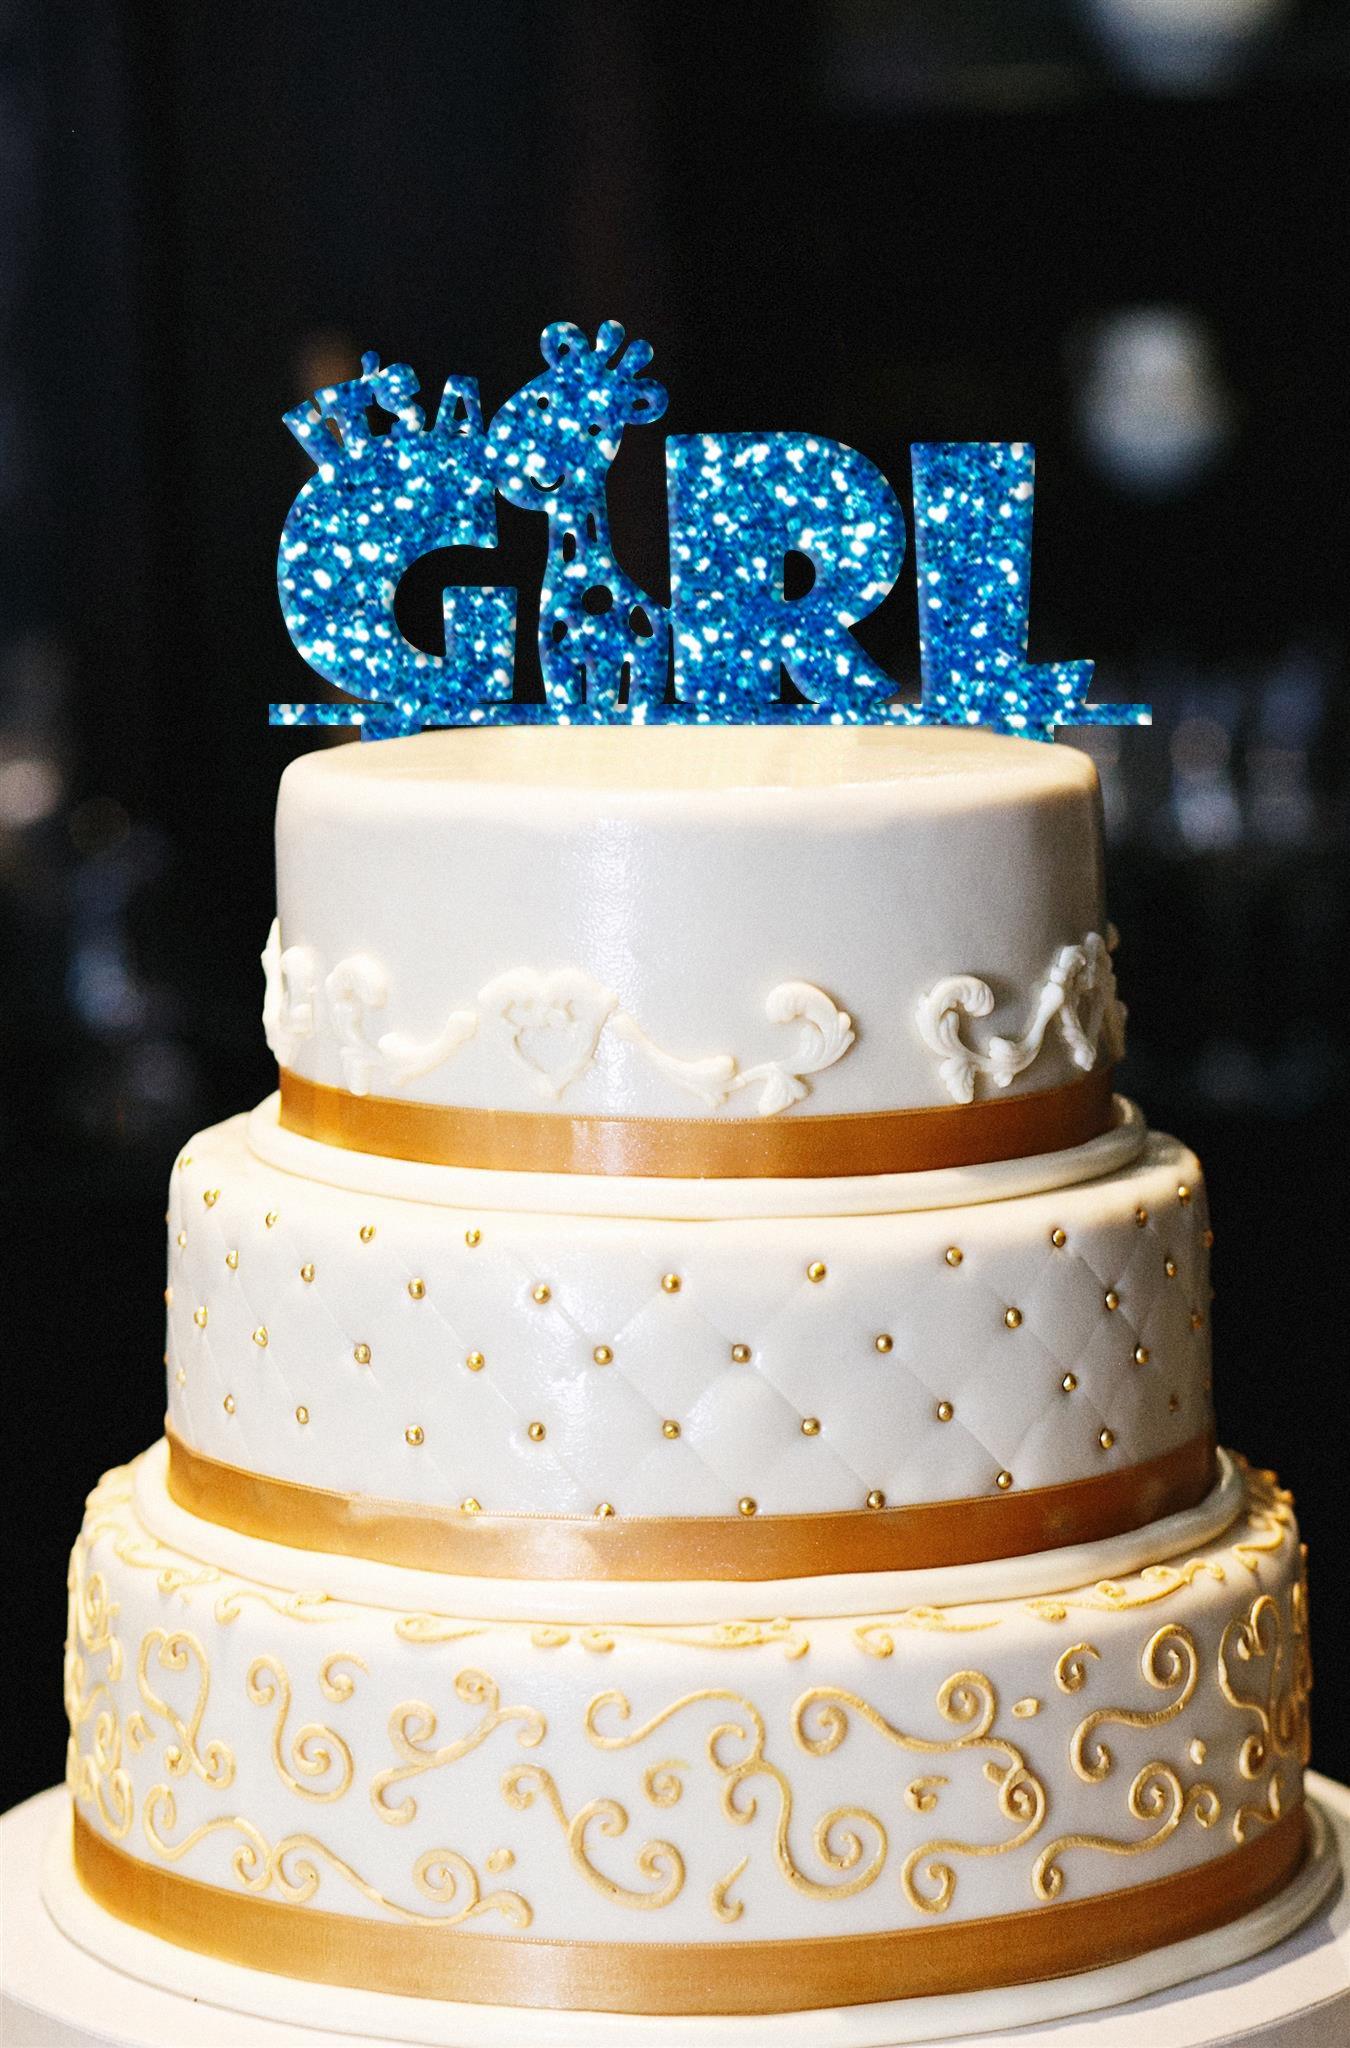 It's A Girl Cake Topper, Giraffe Cake Topper, Glitter Baby Shower Cake Topper, Glitter Gender Reveal Cake Topper, Glitter Baby Shower Decor (14'', Glitter Royal Blue)